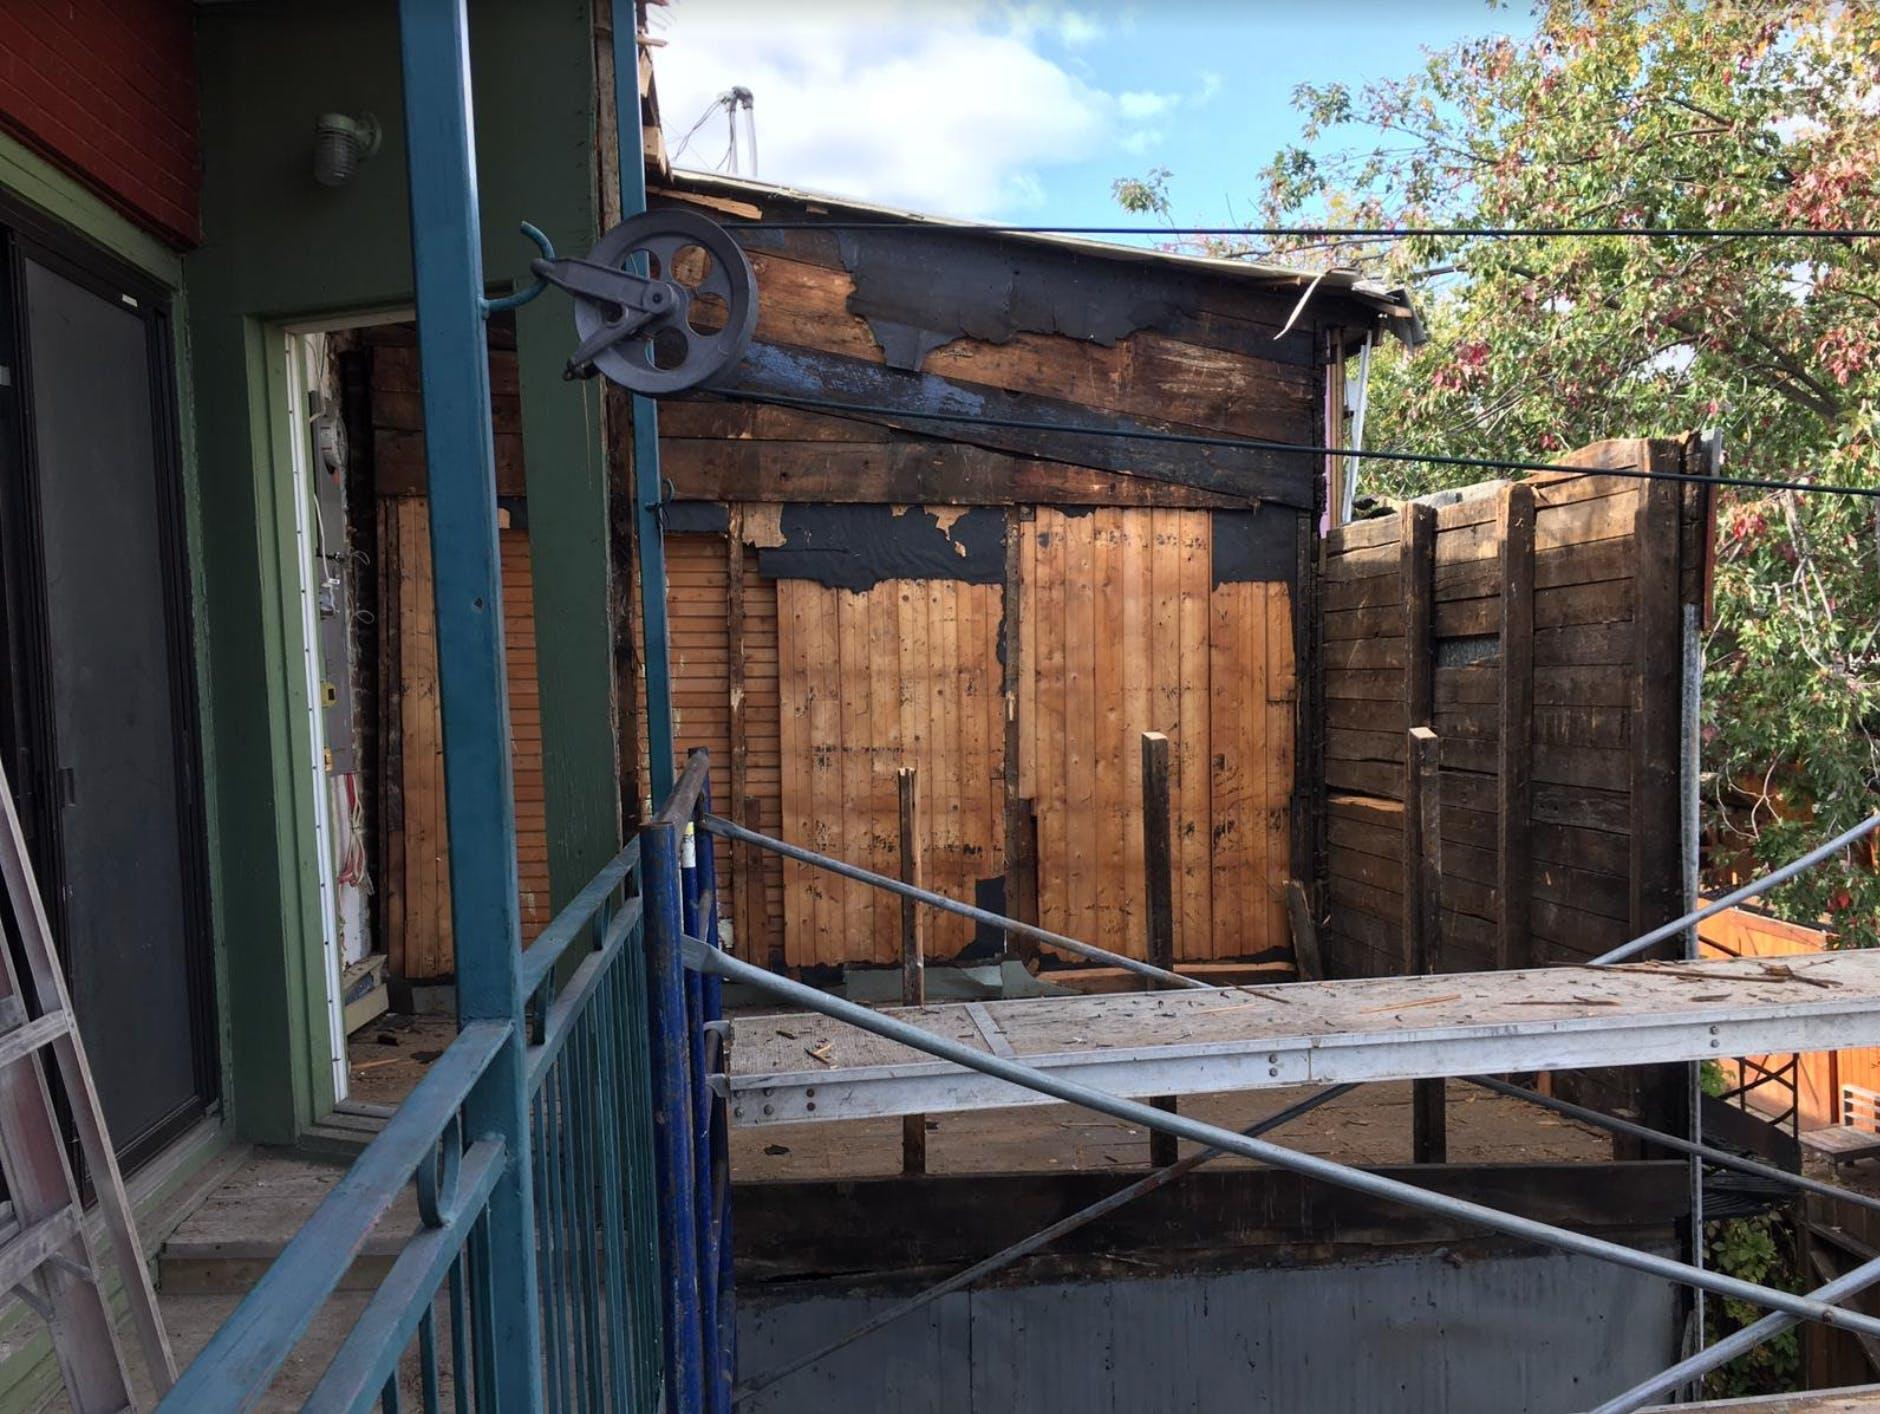 Second floor extension in progress